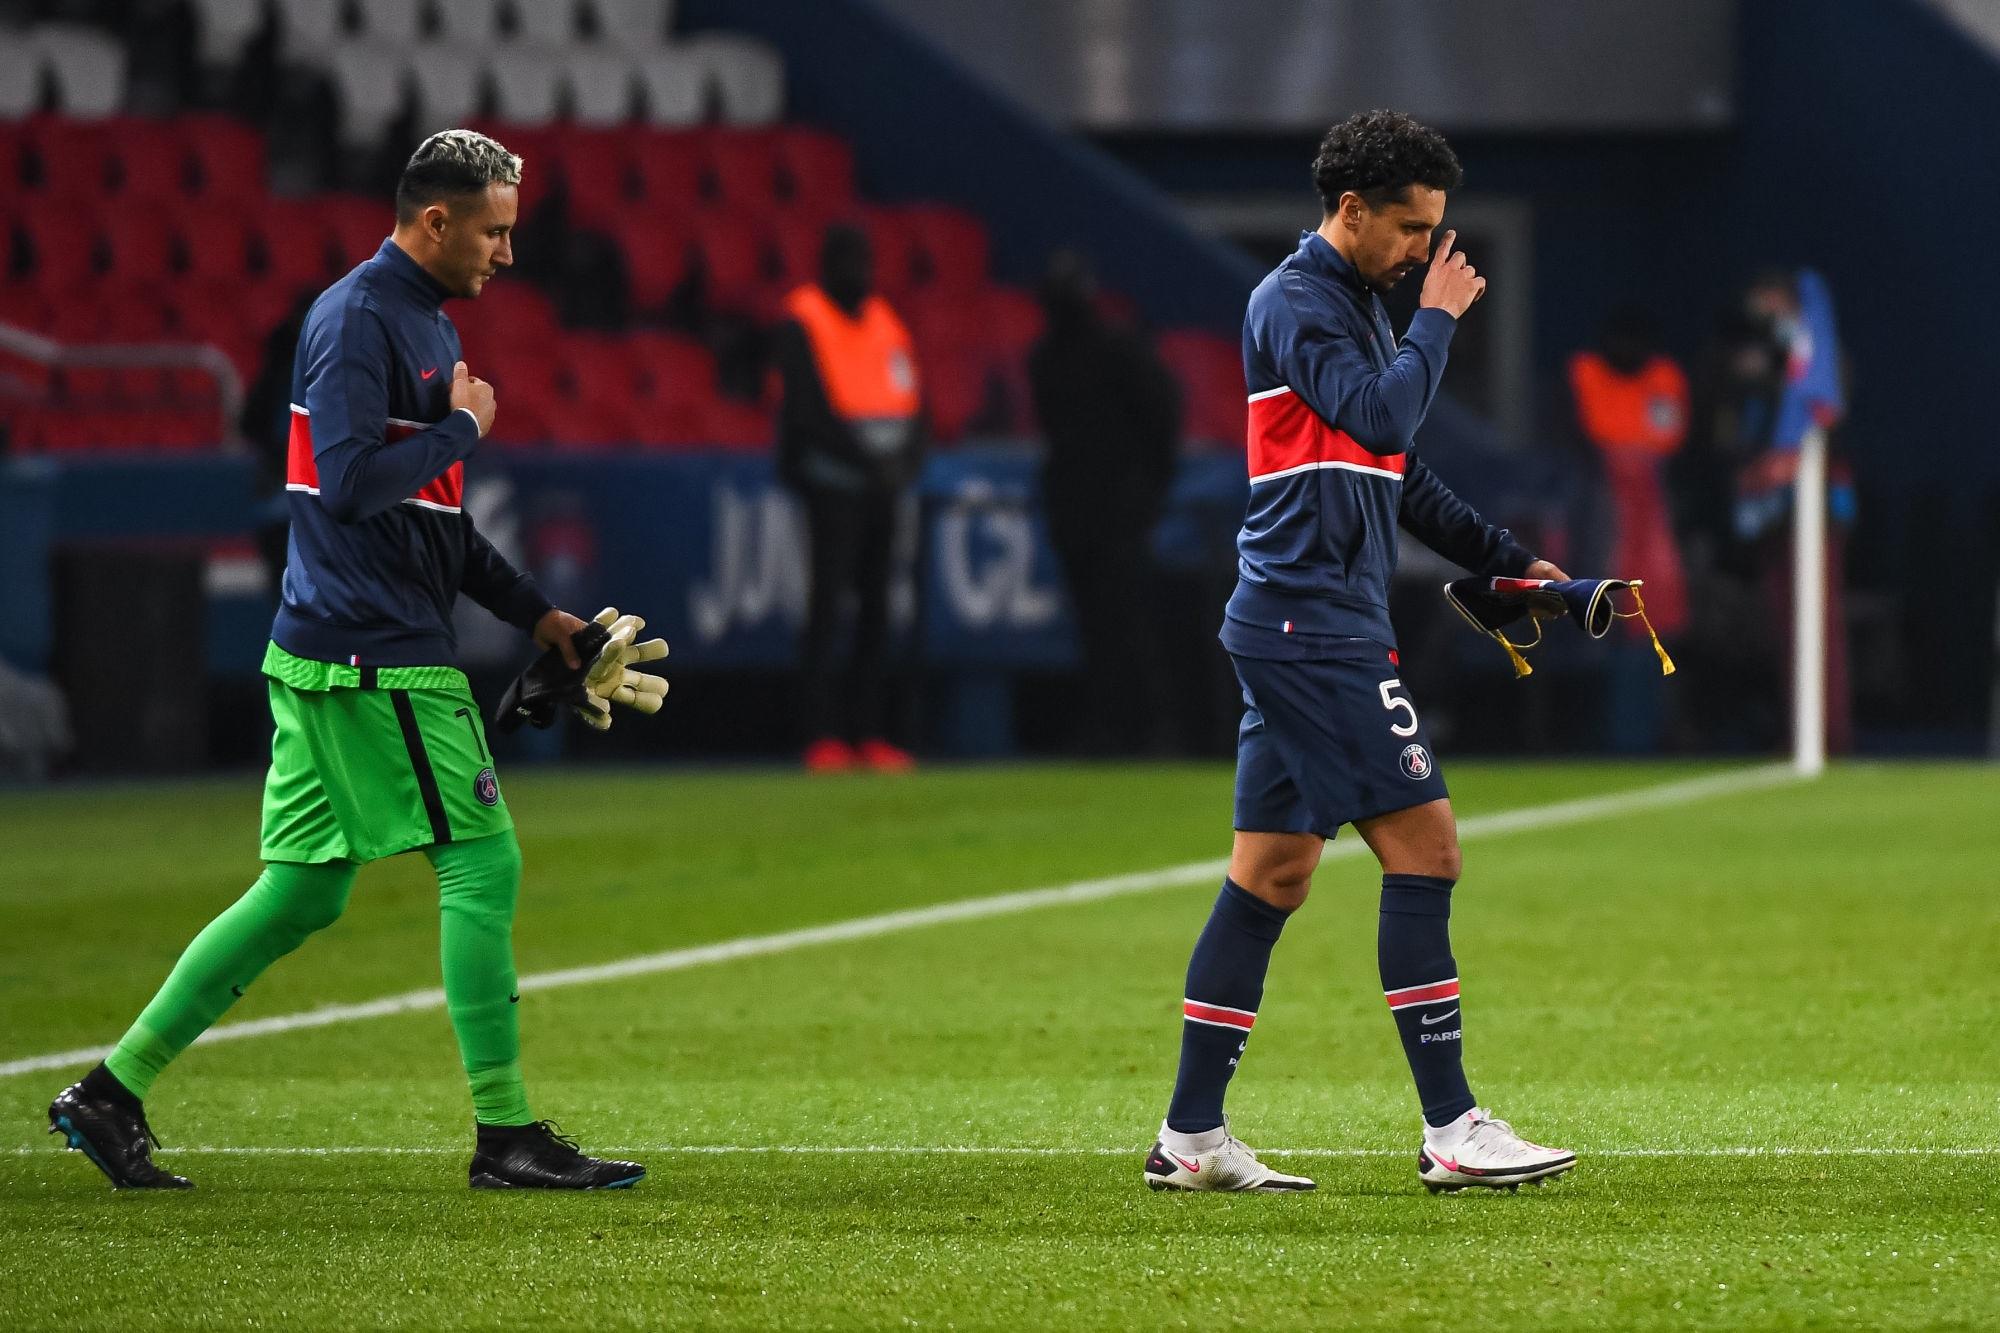 Lorient/PSG - Navas, Marquinhos et Herrera incertains, indique Le Parisien